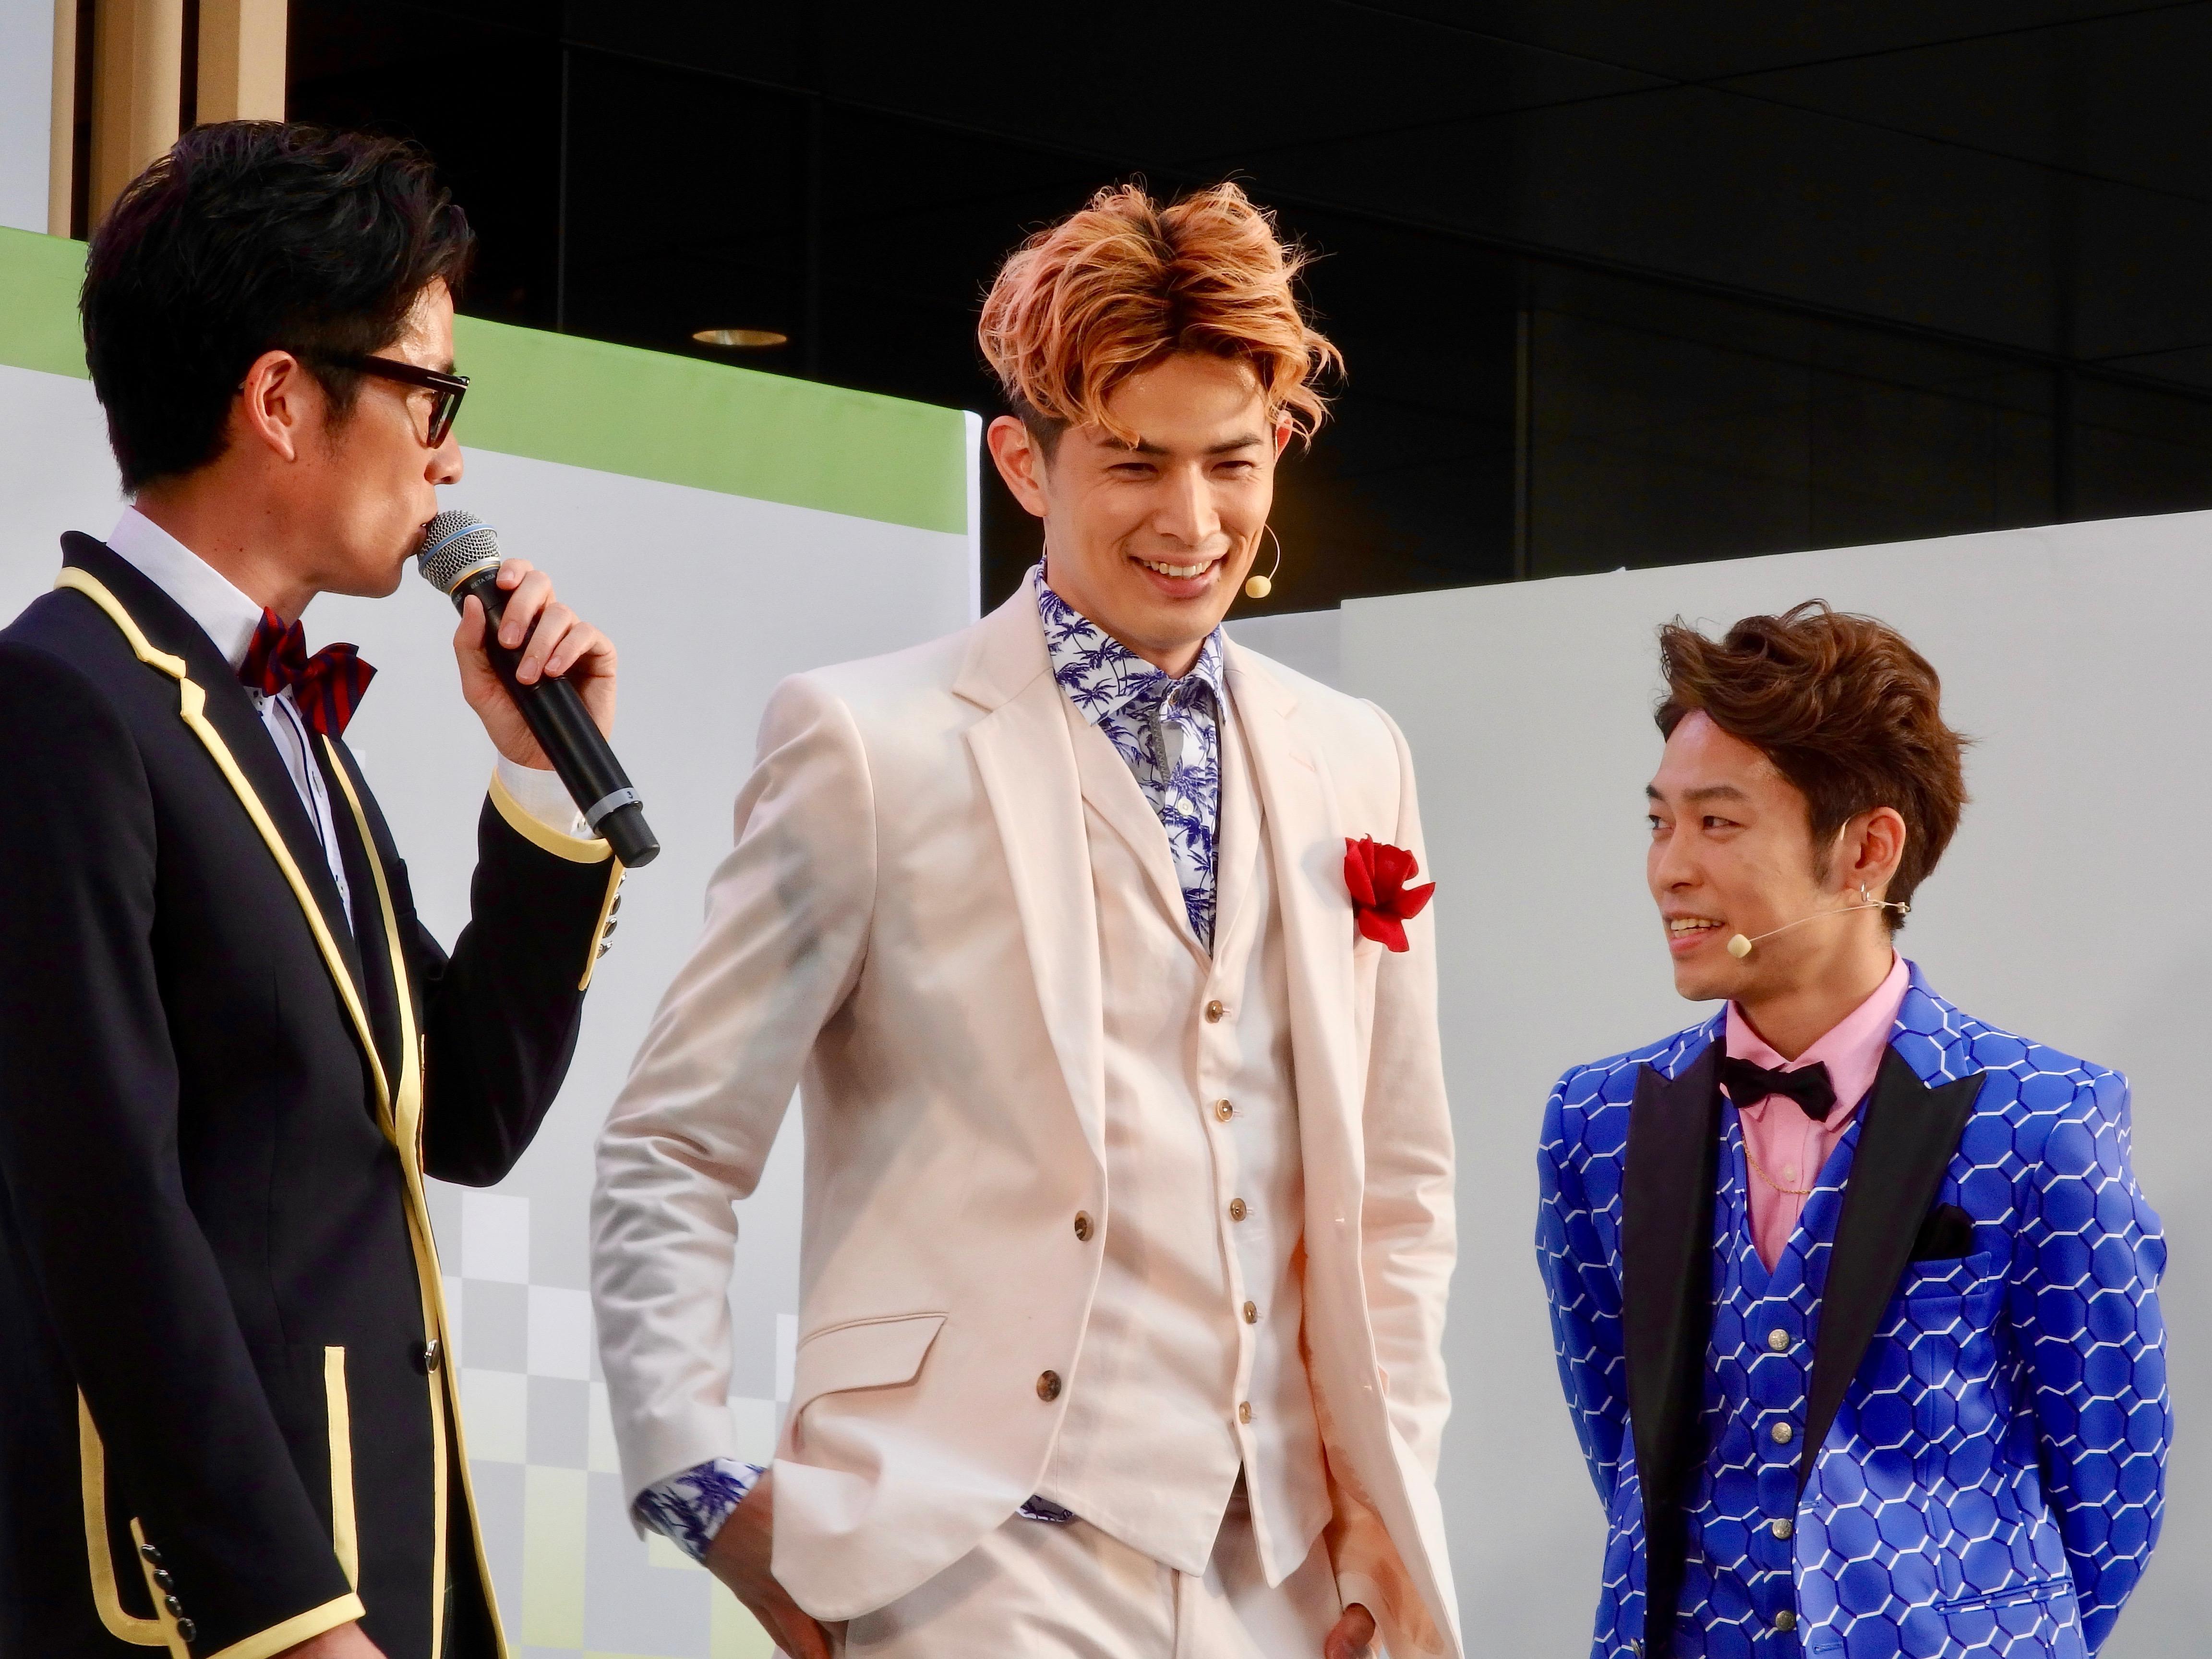 http://news.yoshimoto.co.jp/20170417185652-e73d2327a58ccd86a71cea7ff735cb99846a04d0.jpg